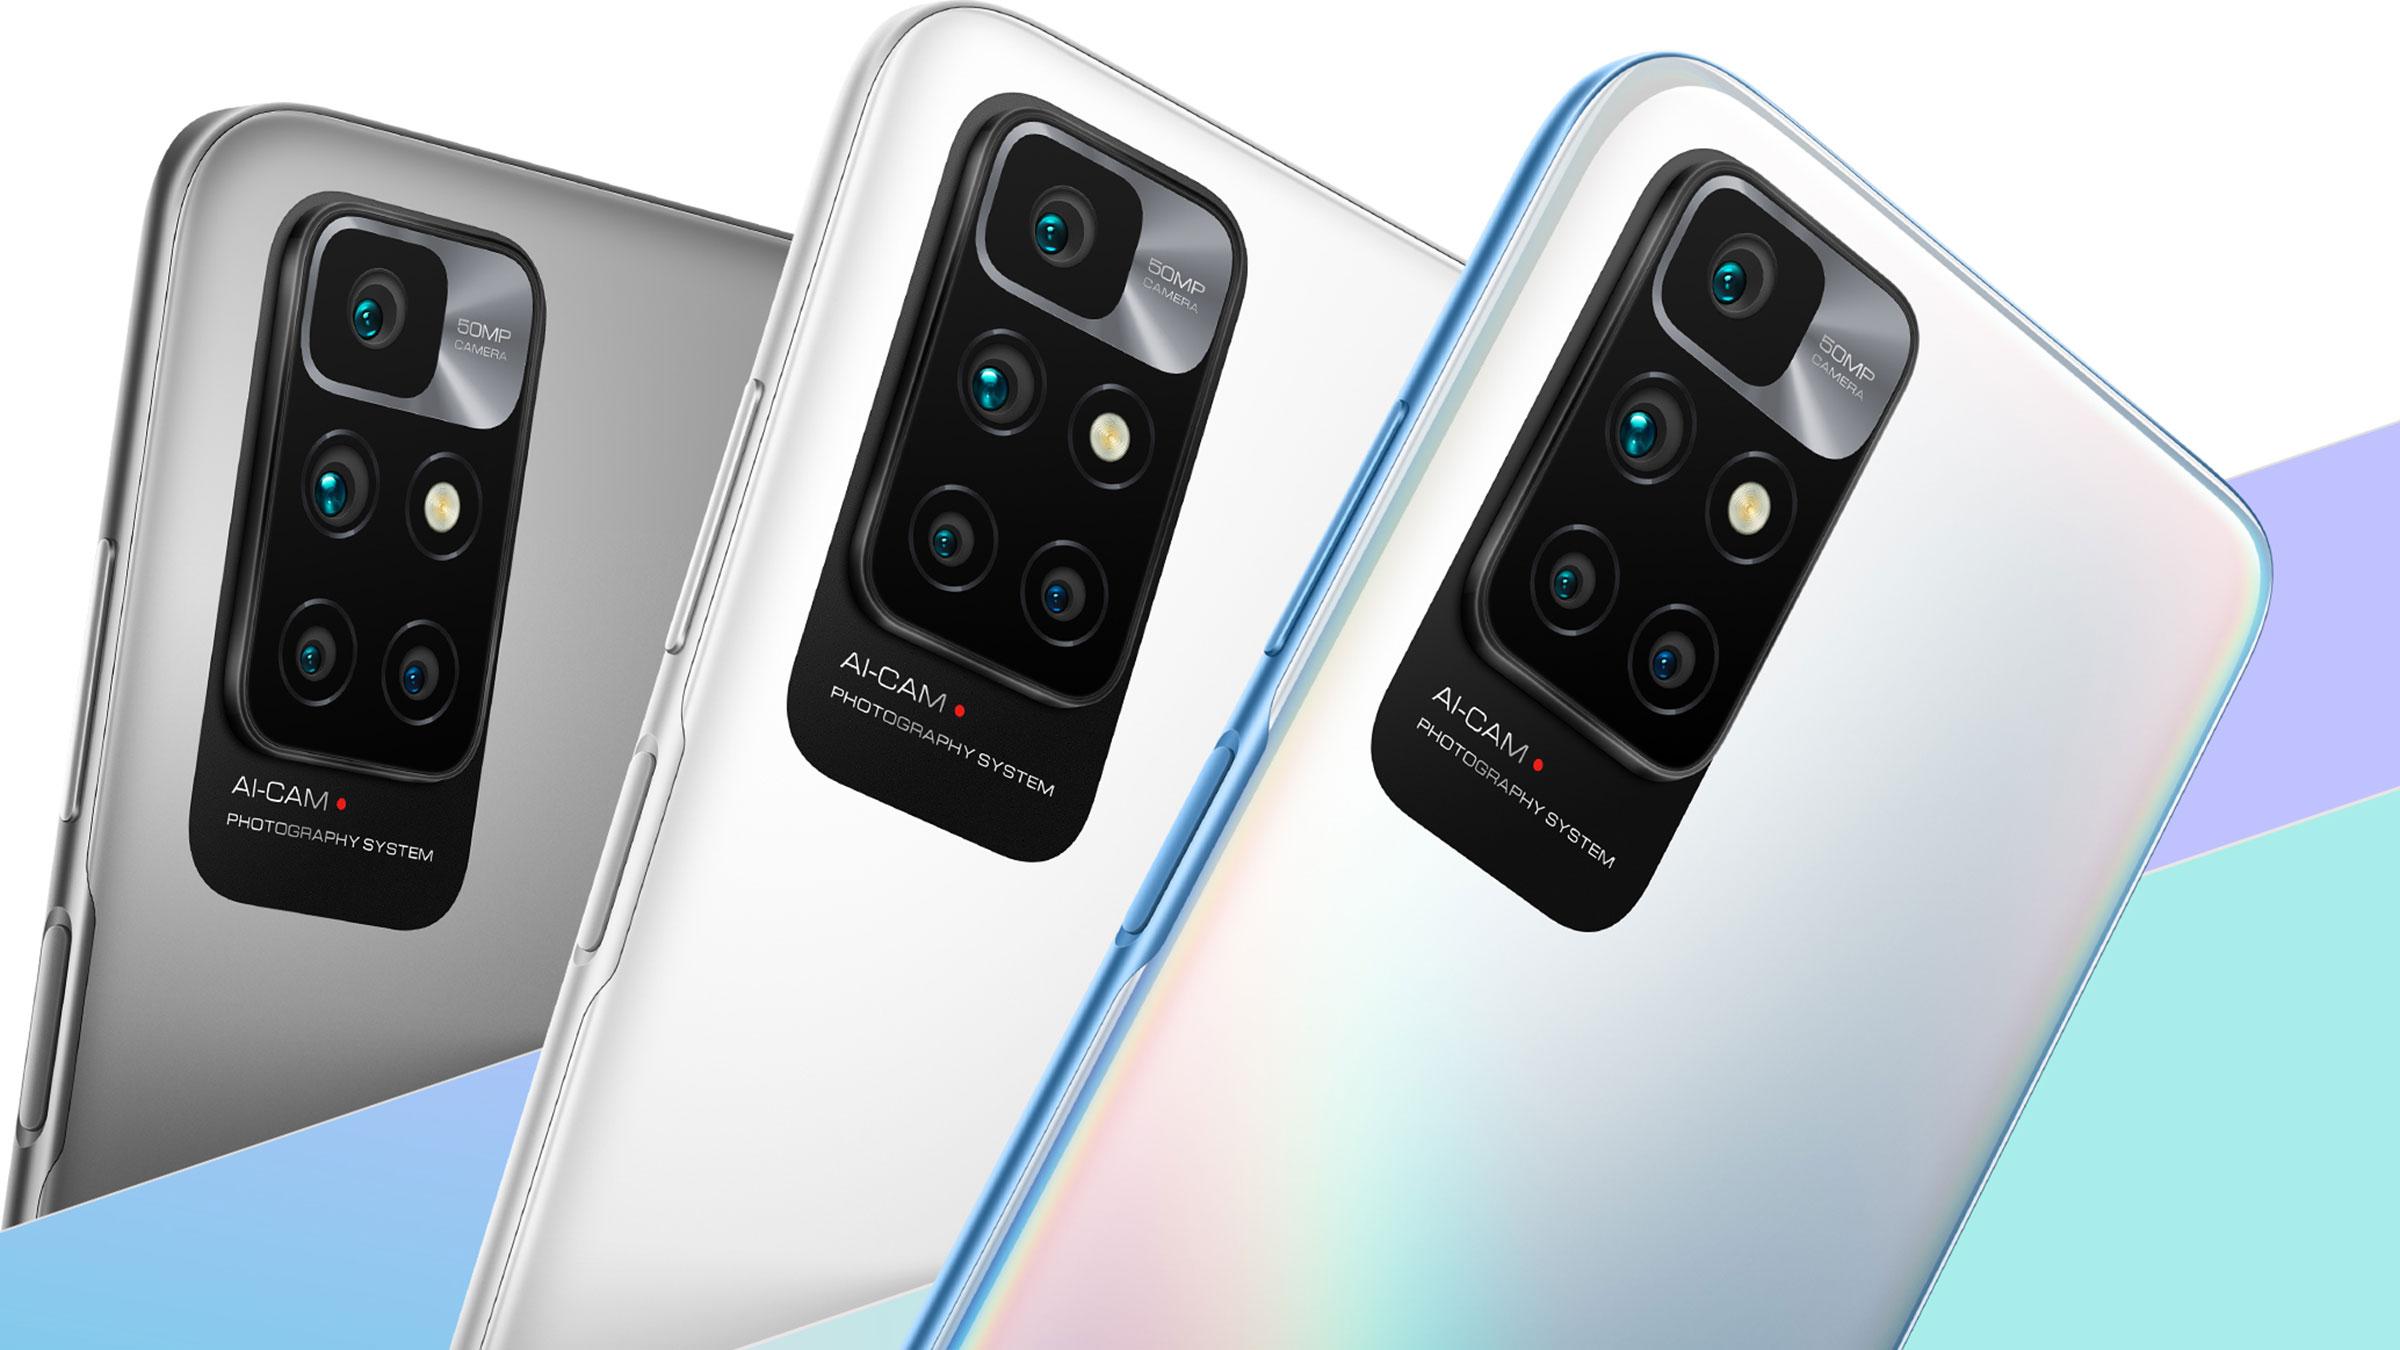 Anuncian el Redmi 10 Prime: precio, características, cámaras y mucho más | Tecnología - ComputerHoy.com